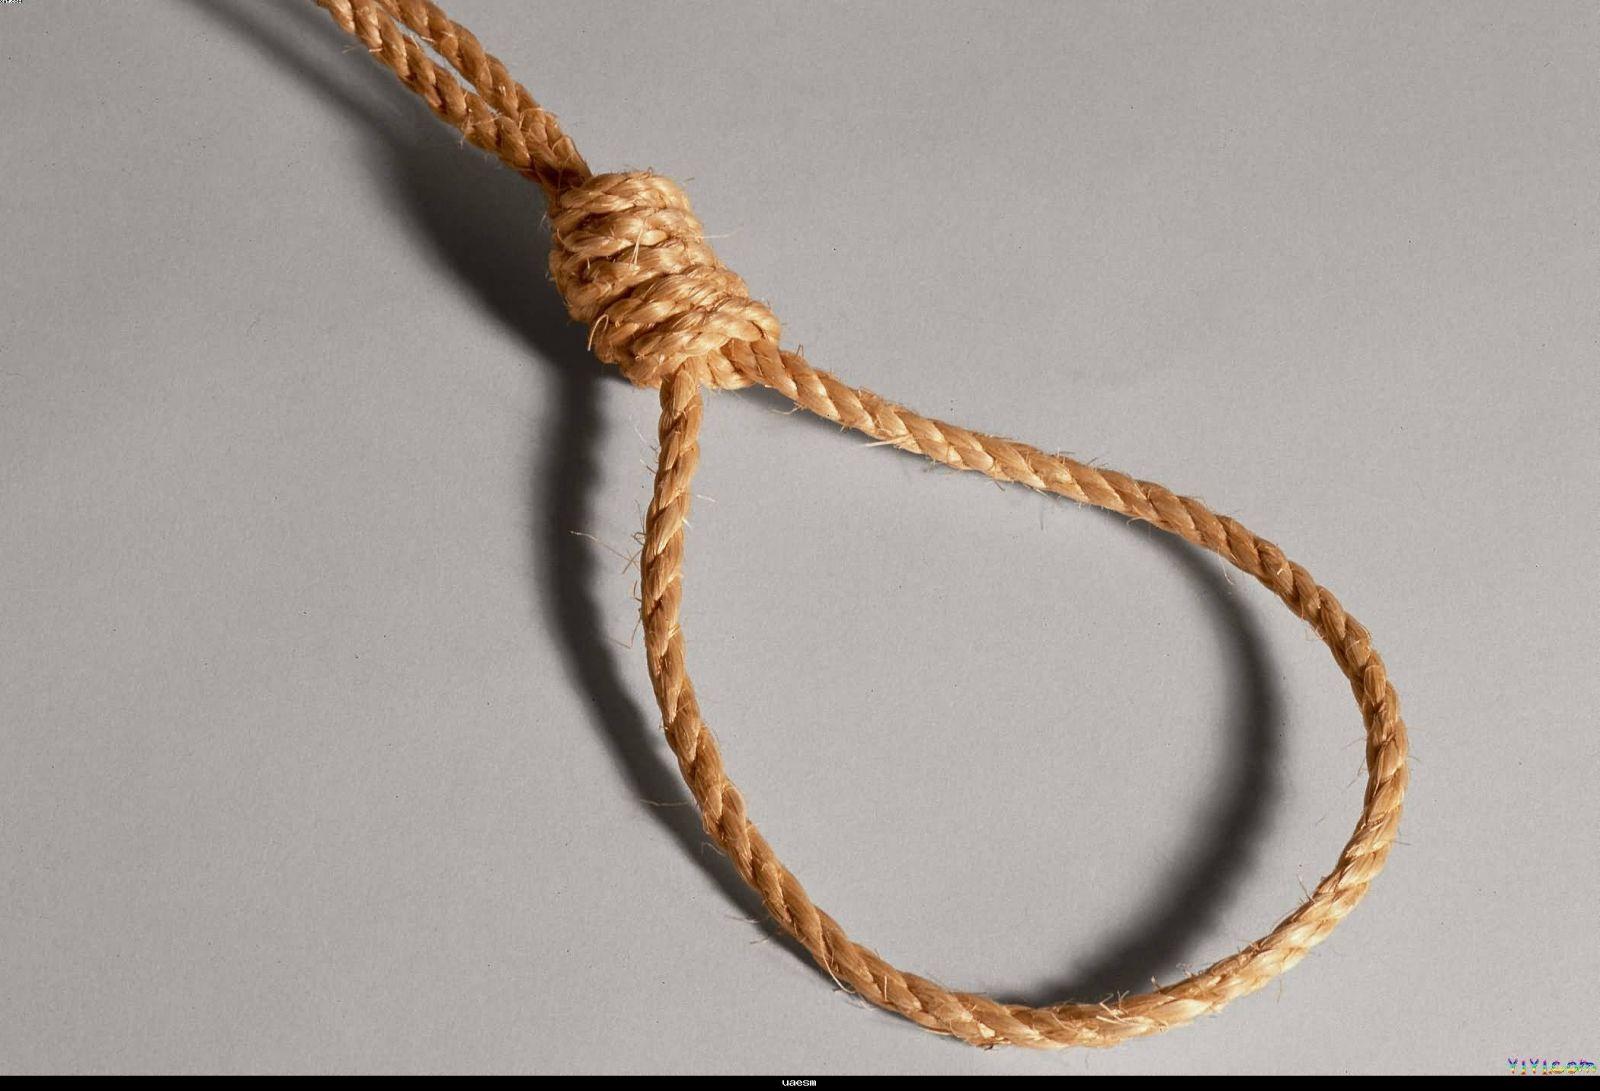 انتحار طالب شنق نفسه داخل منزله بالدقهلية